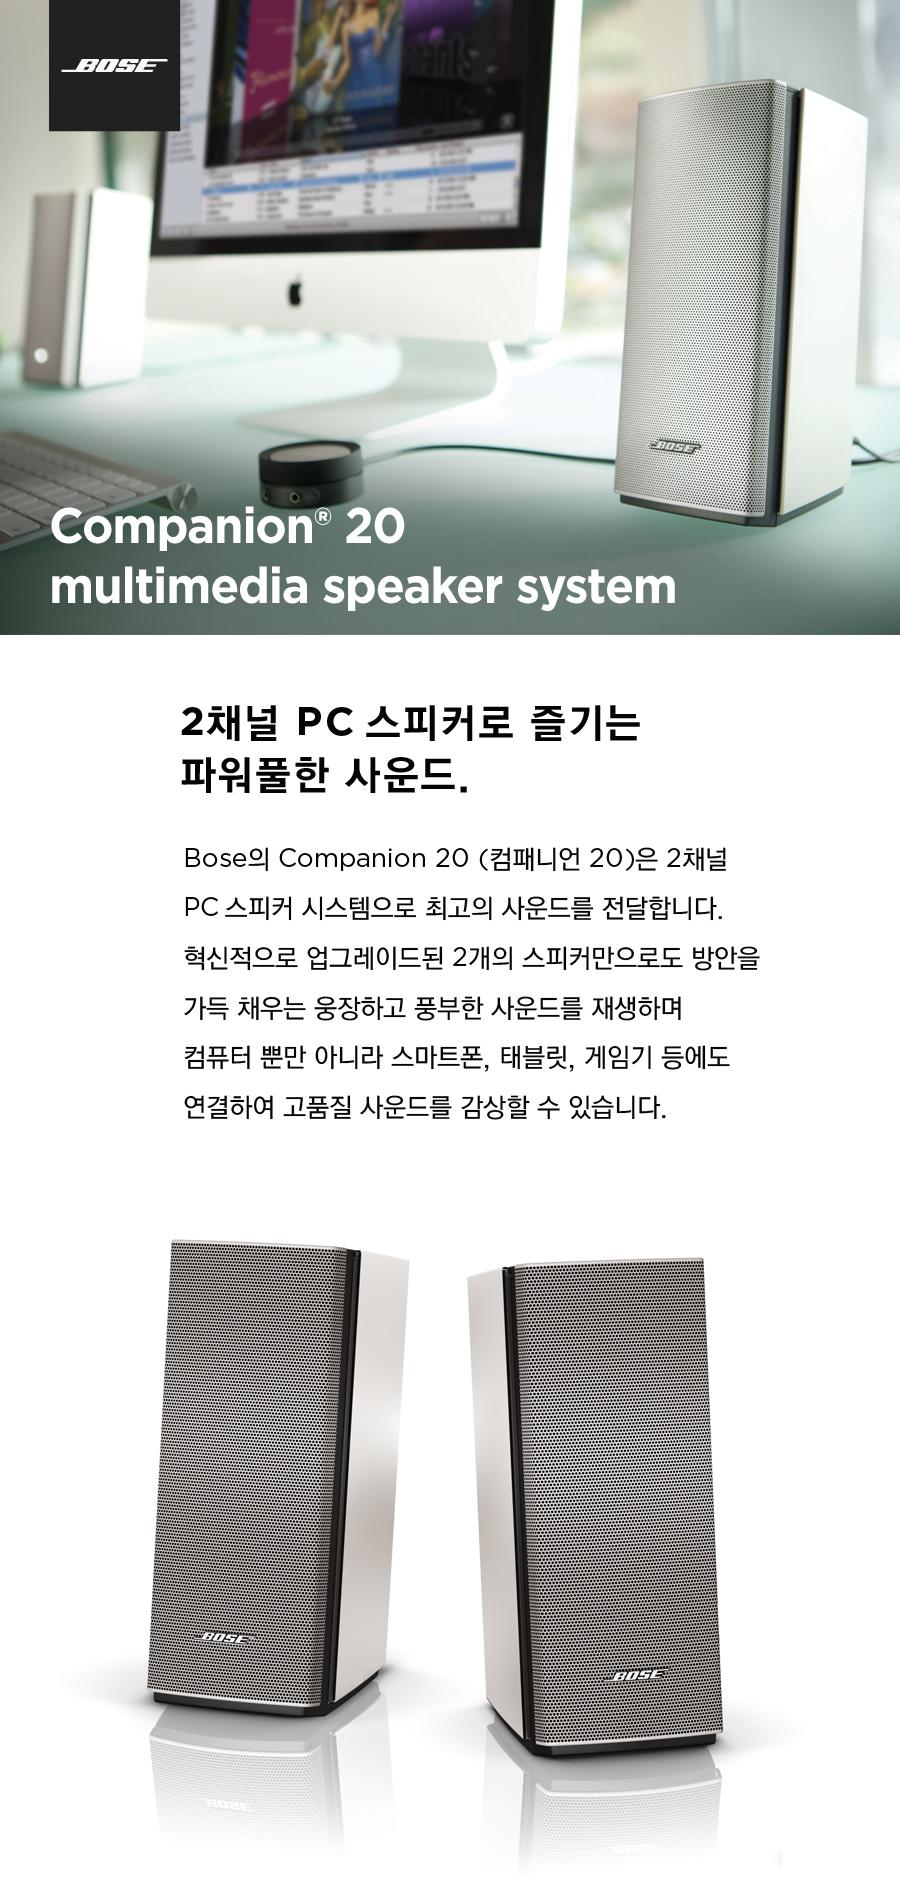 보스(BOSE) Companion 20 컴퓨터 겸용 멀티미디어 스피커